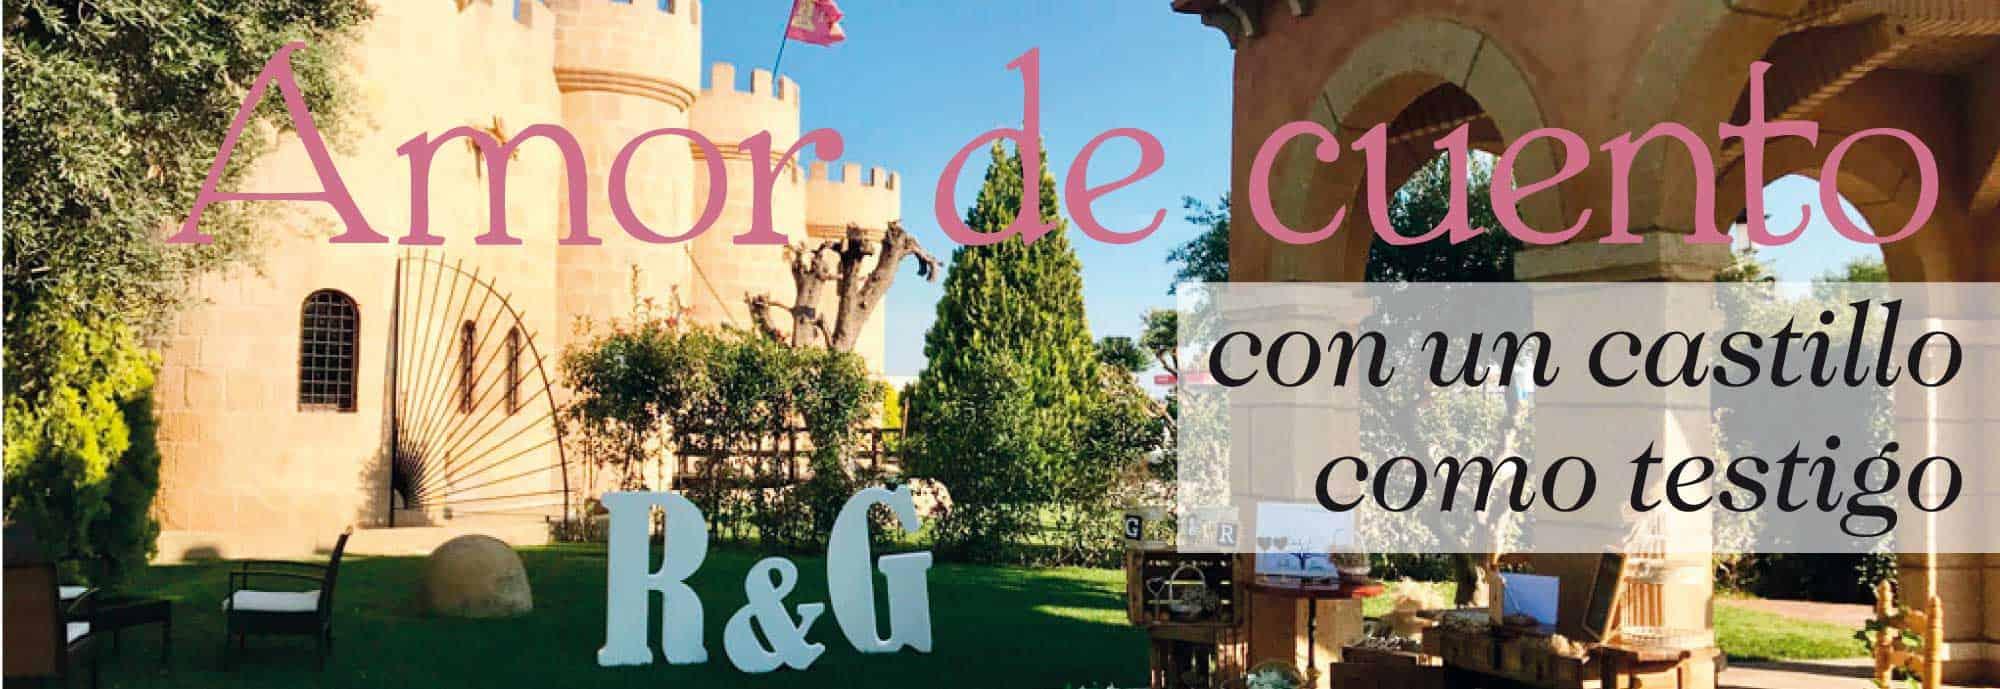 castillo-Bonavia-guia-de-bodas